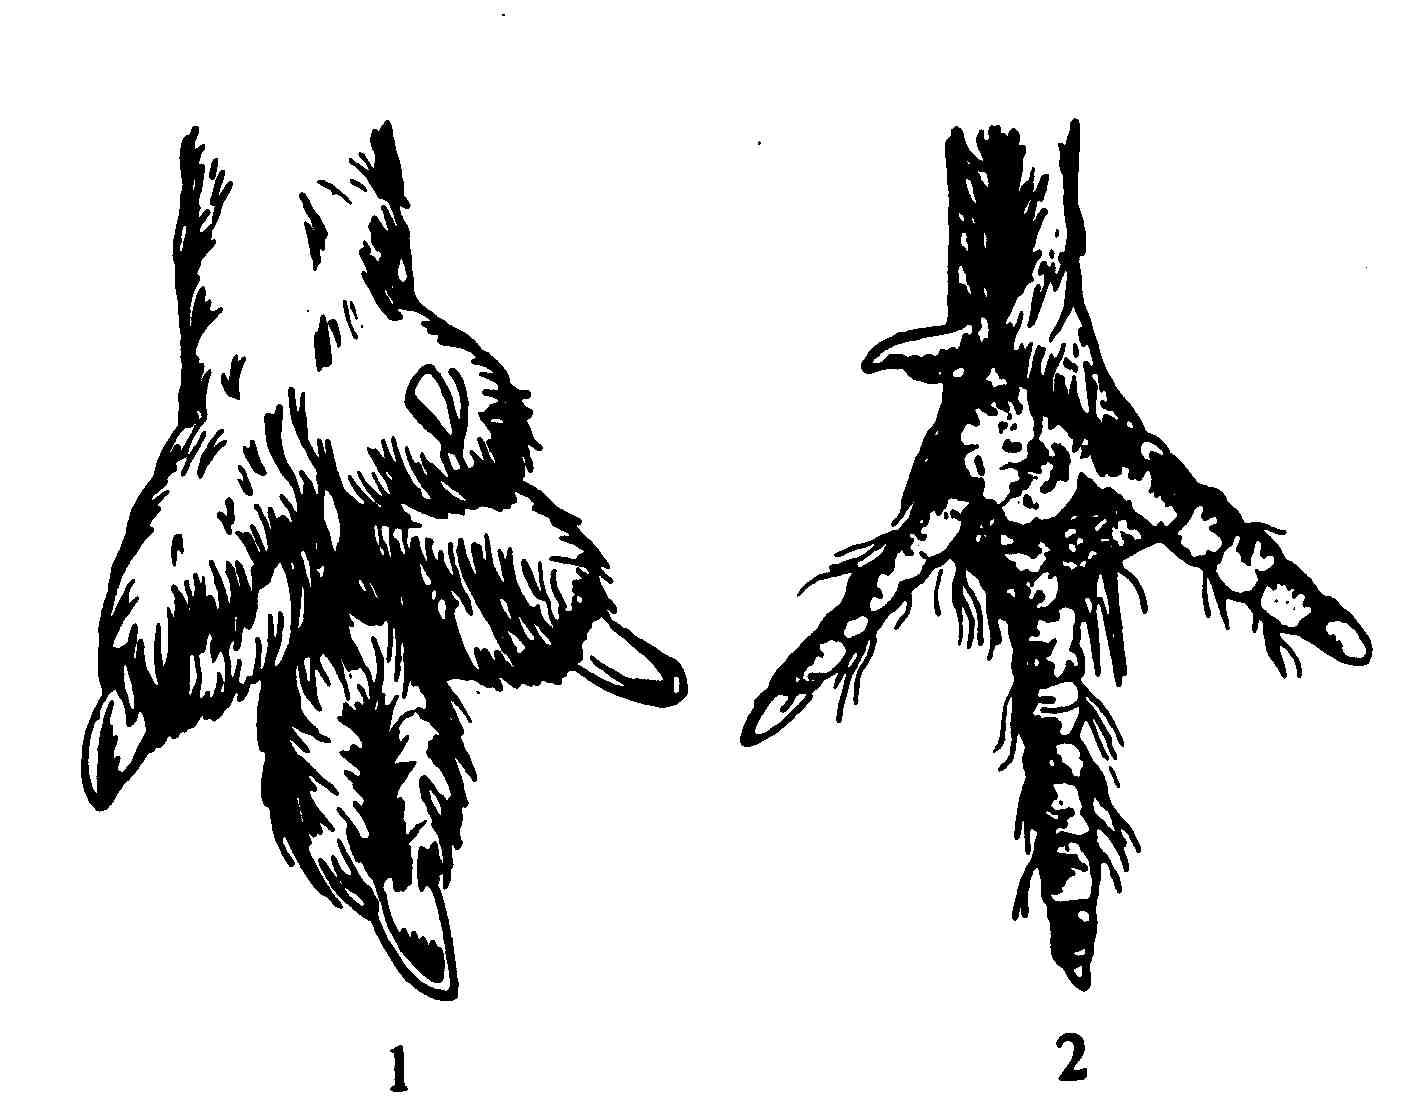 схема расположения конечностей животных